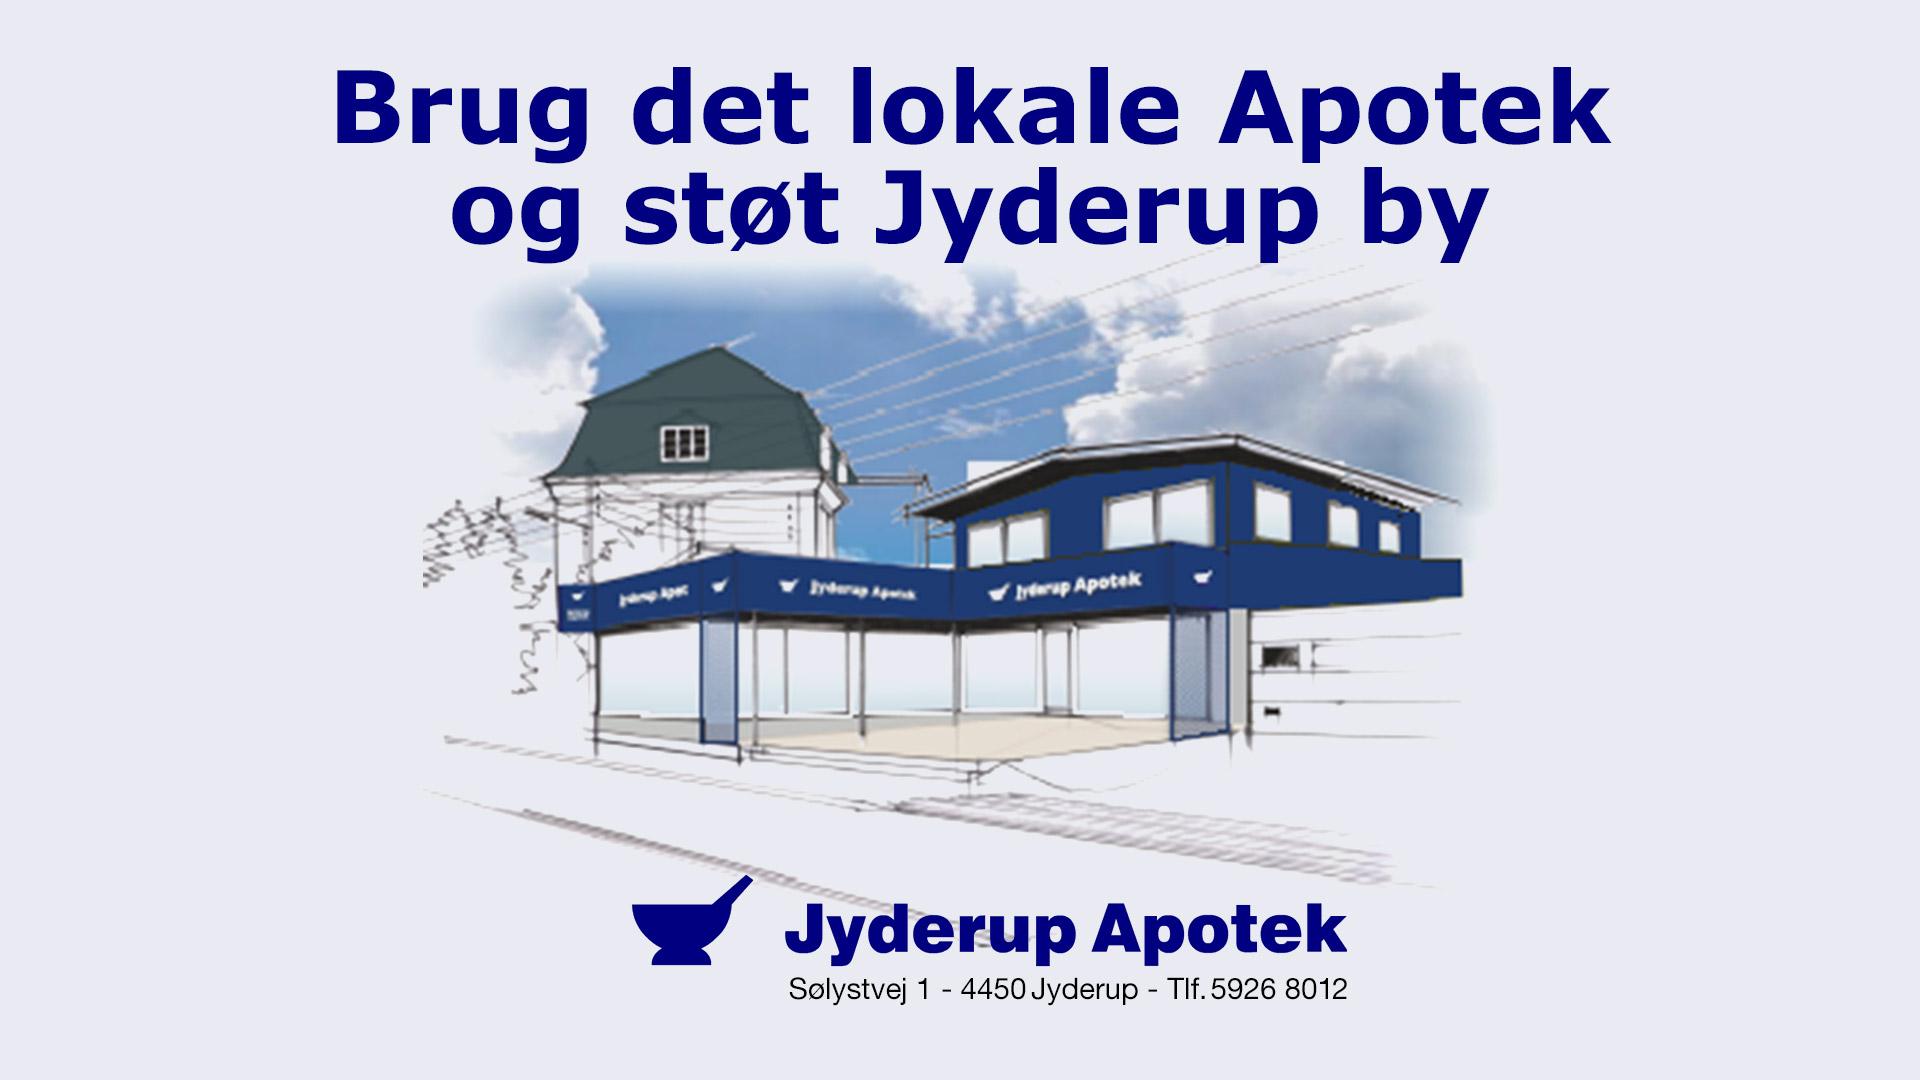 Jyderup Apotek